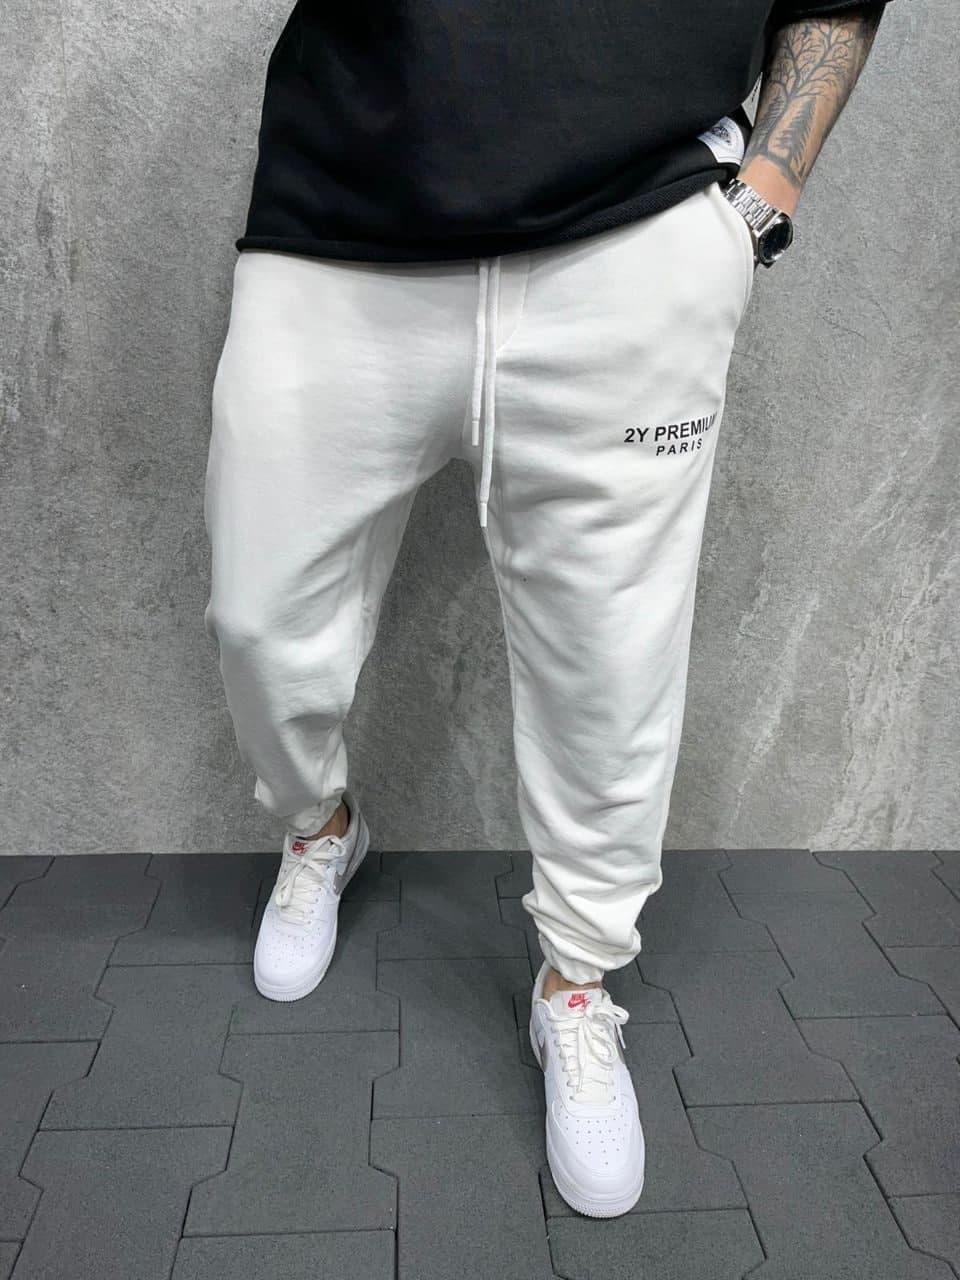 Мужские спортивные штаны белые 2Y Premium Paris P5264